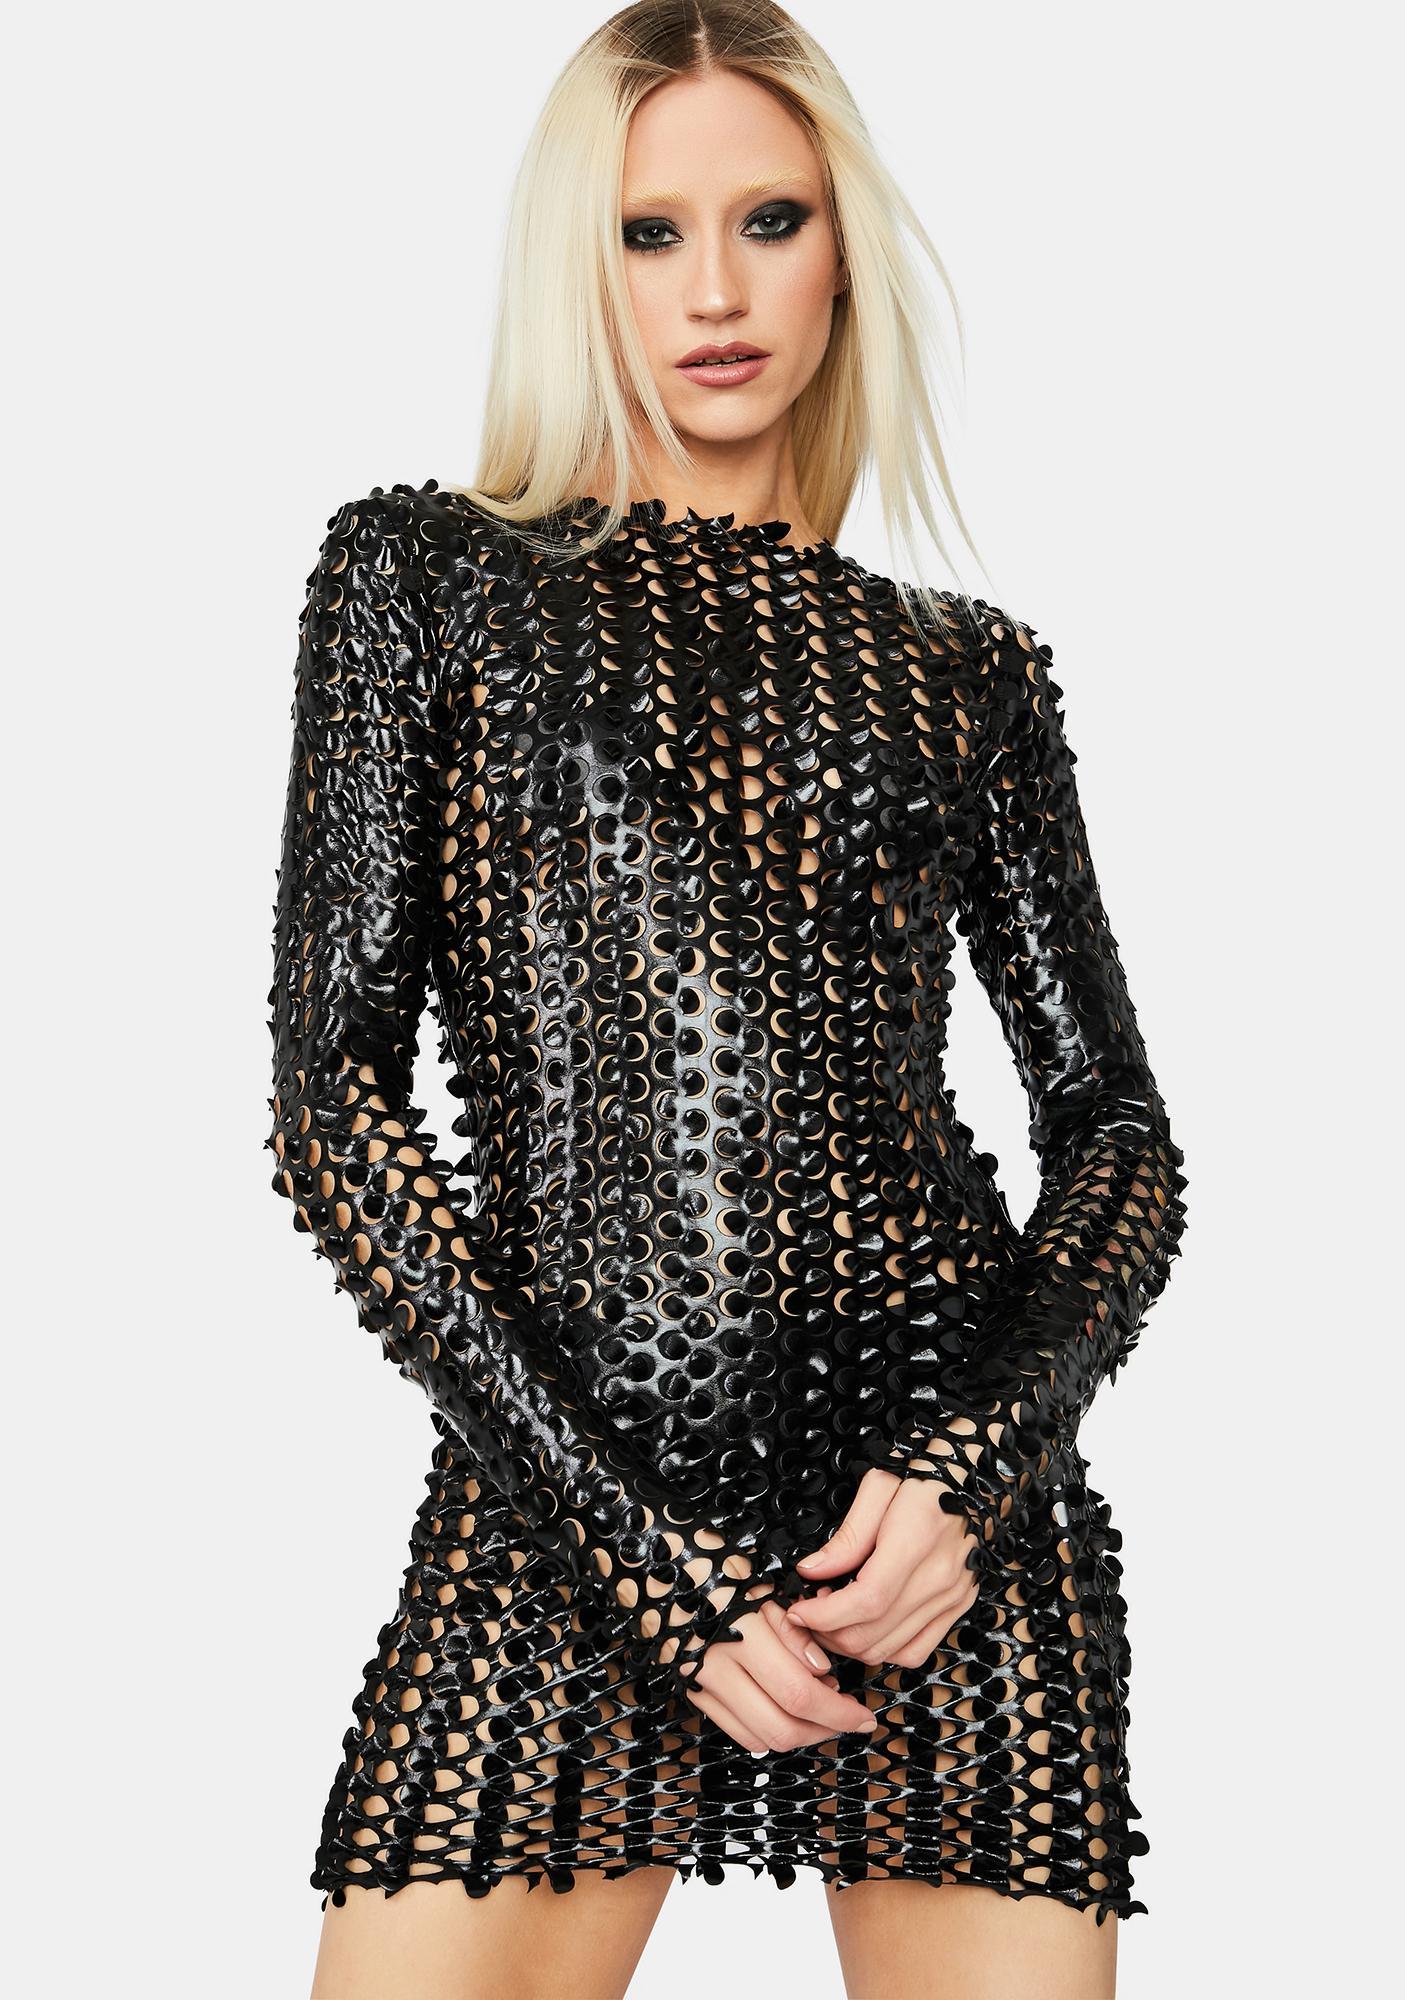 Laser Focus Textured Mini Dress